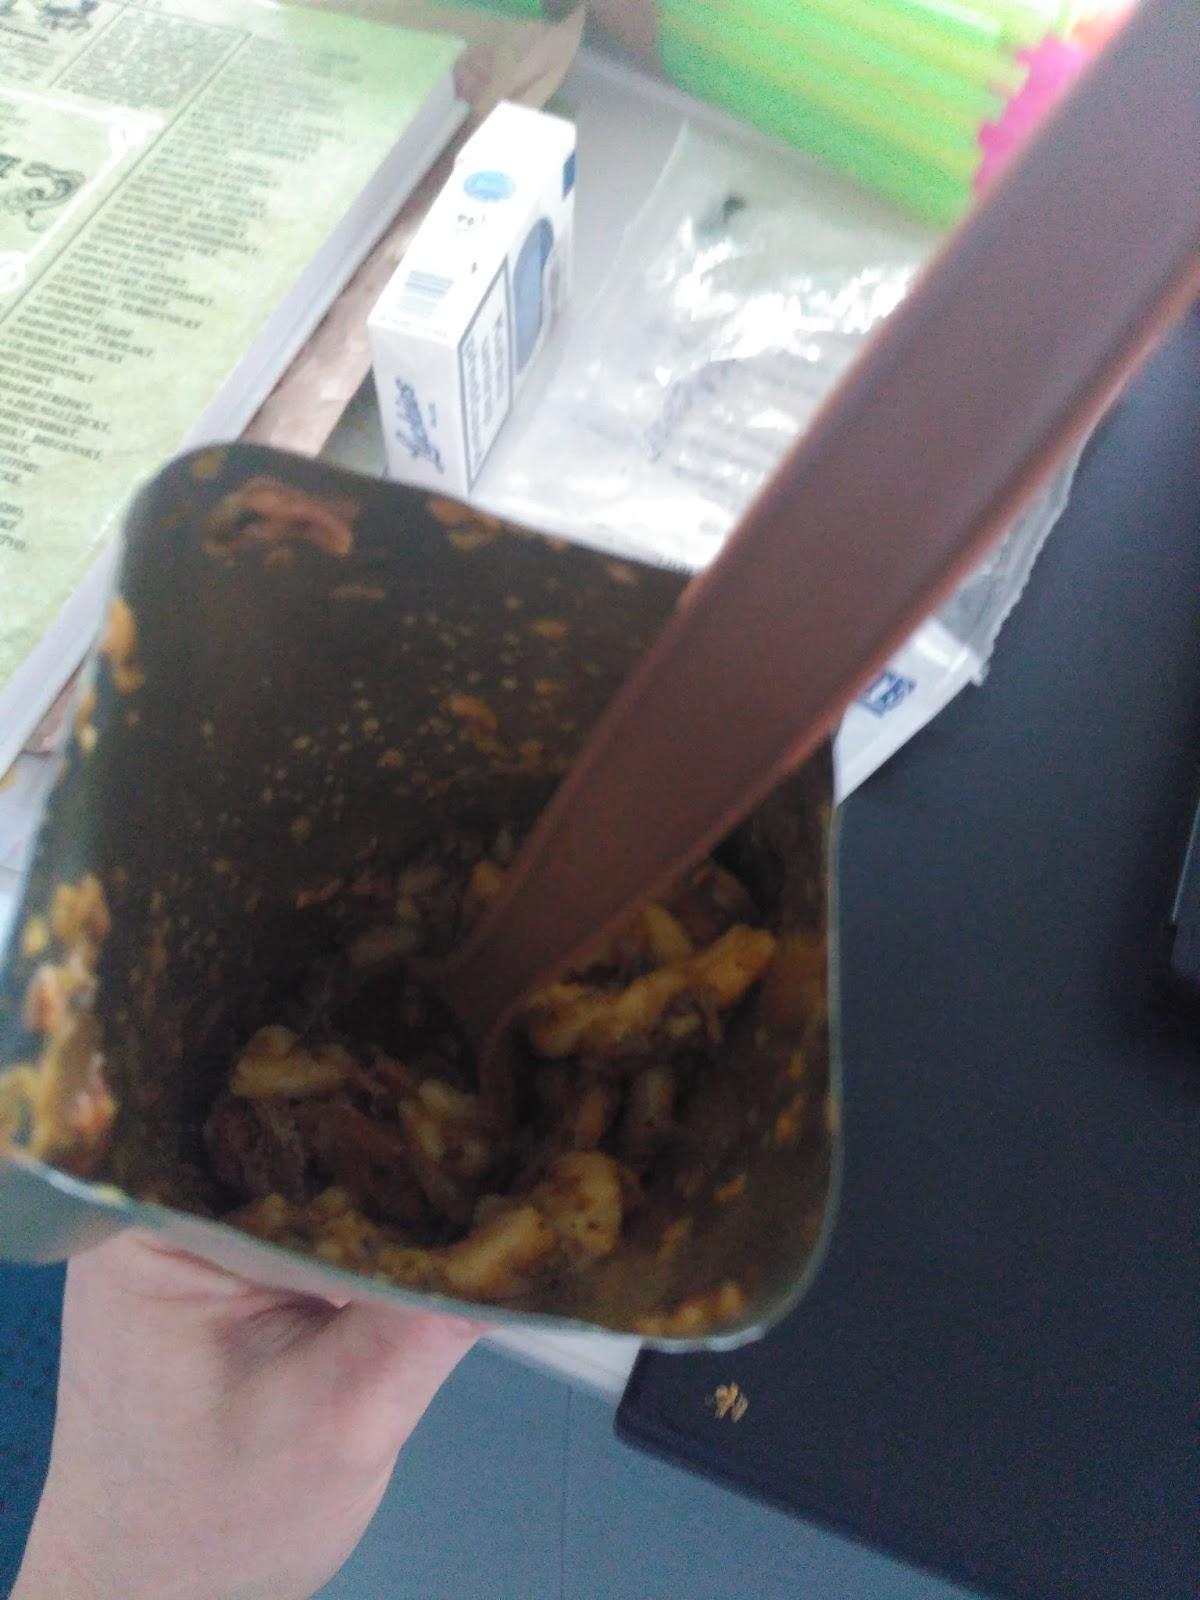 jen oběd s dallasem cancun připojit